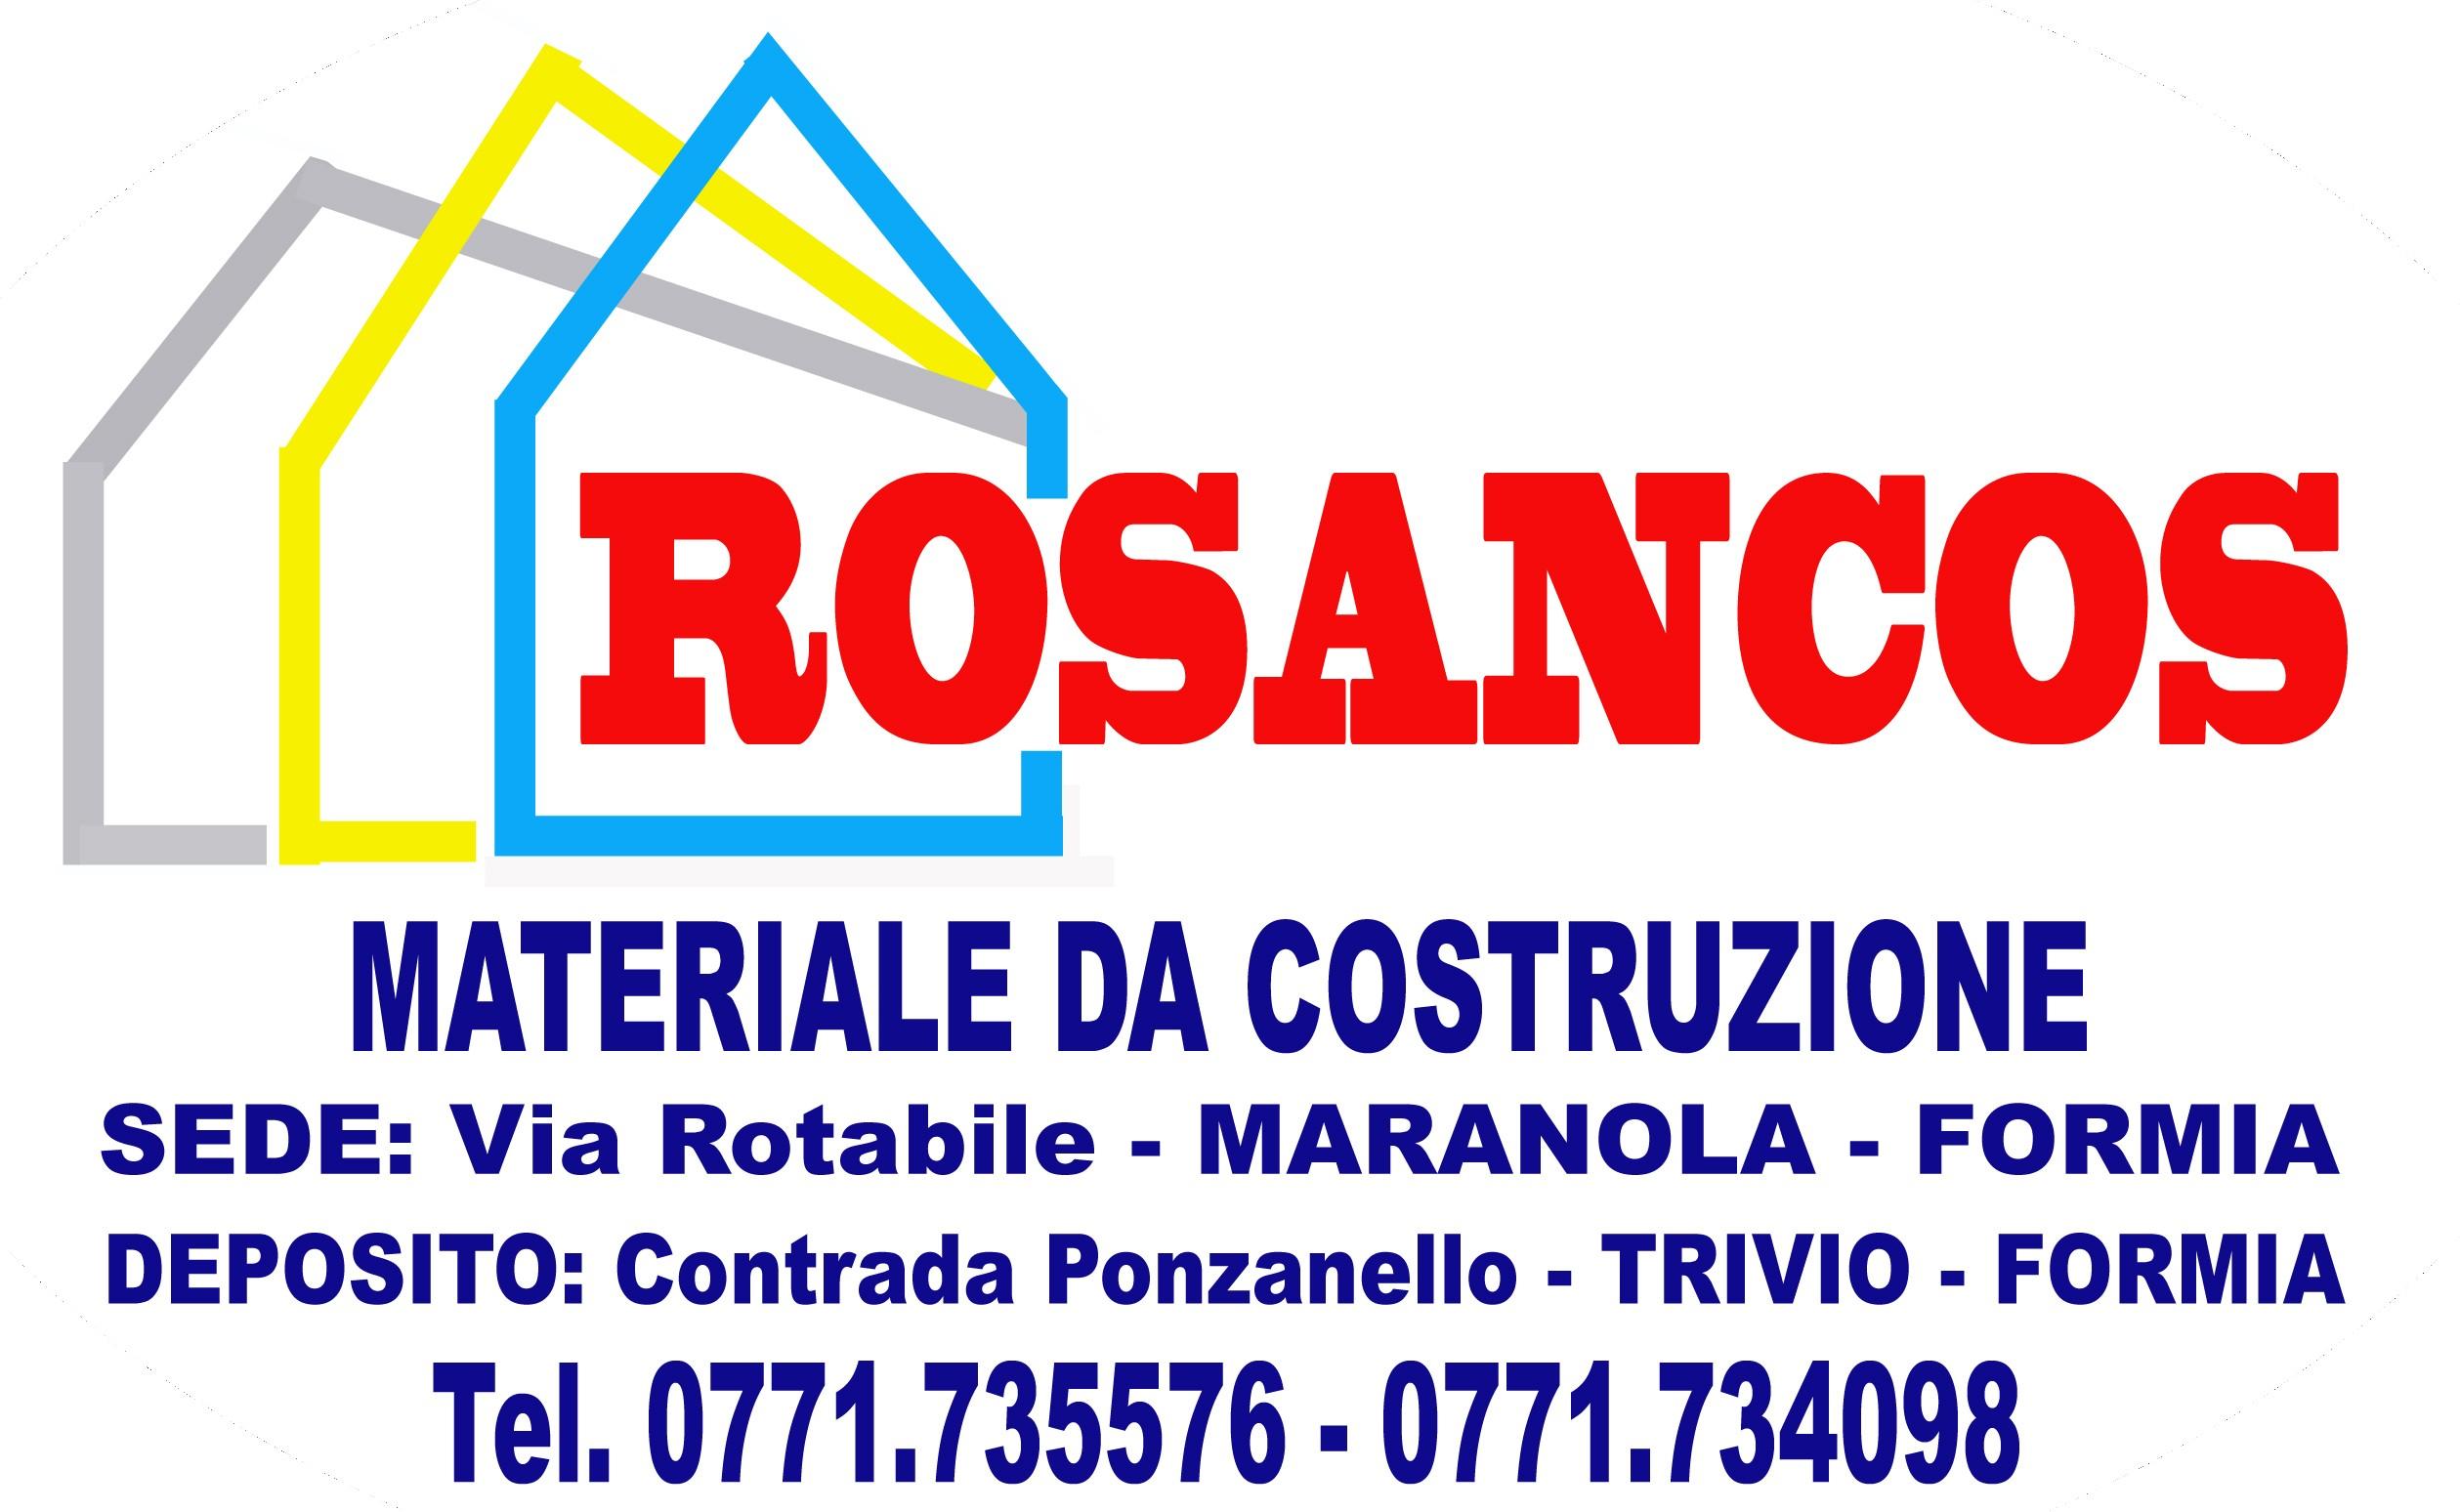 Rosancos Di Minutillo Rosaria & C. logo